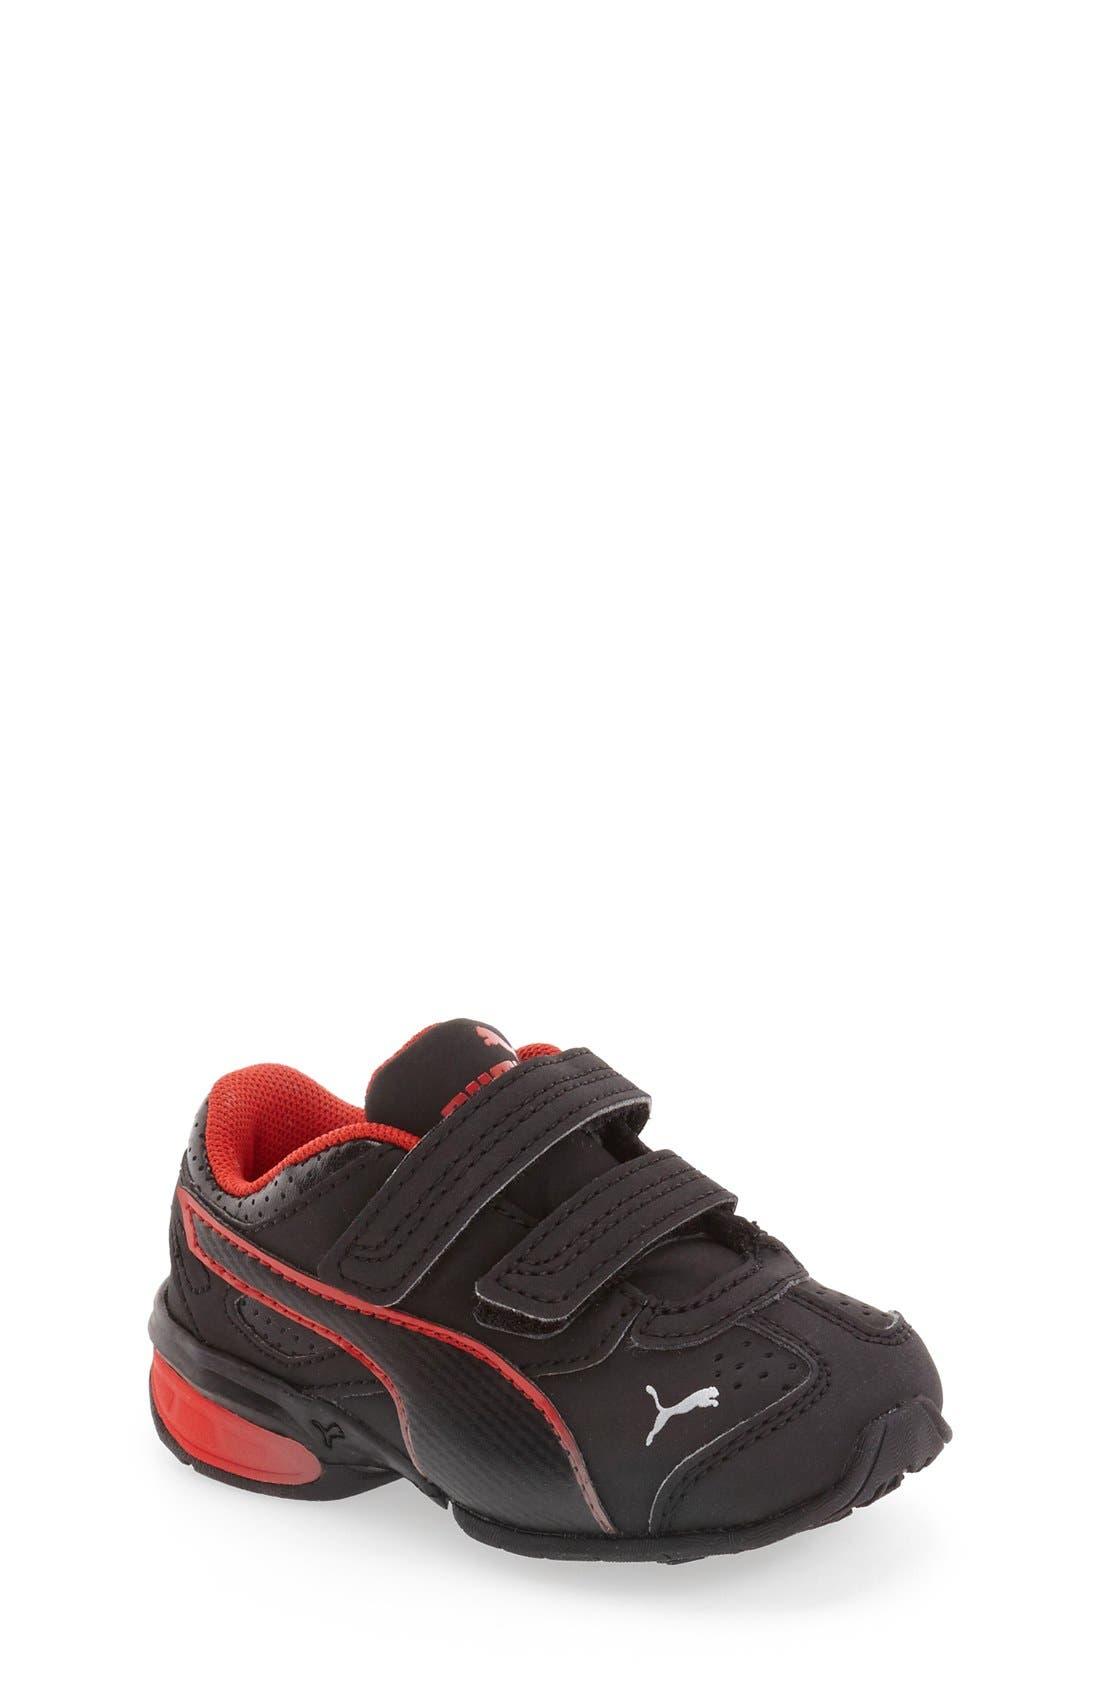 PUMA Tazon 6 Sneaker